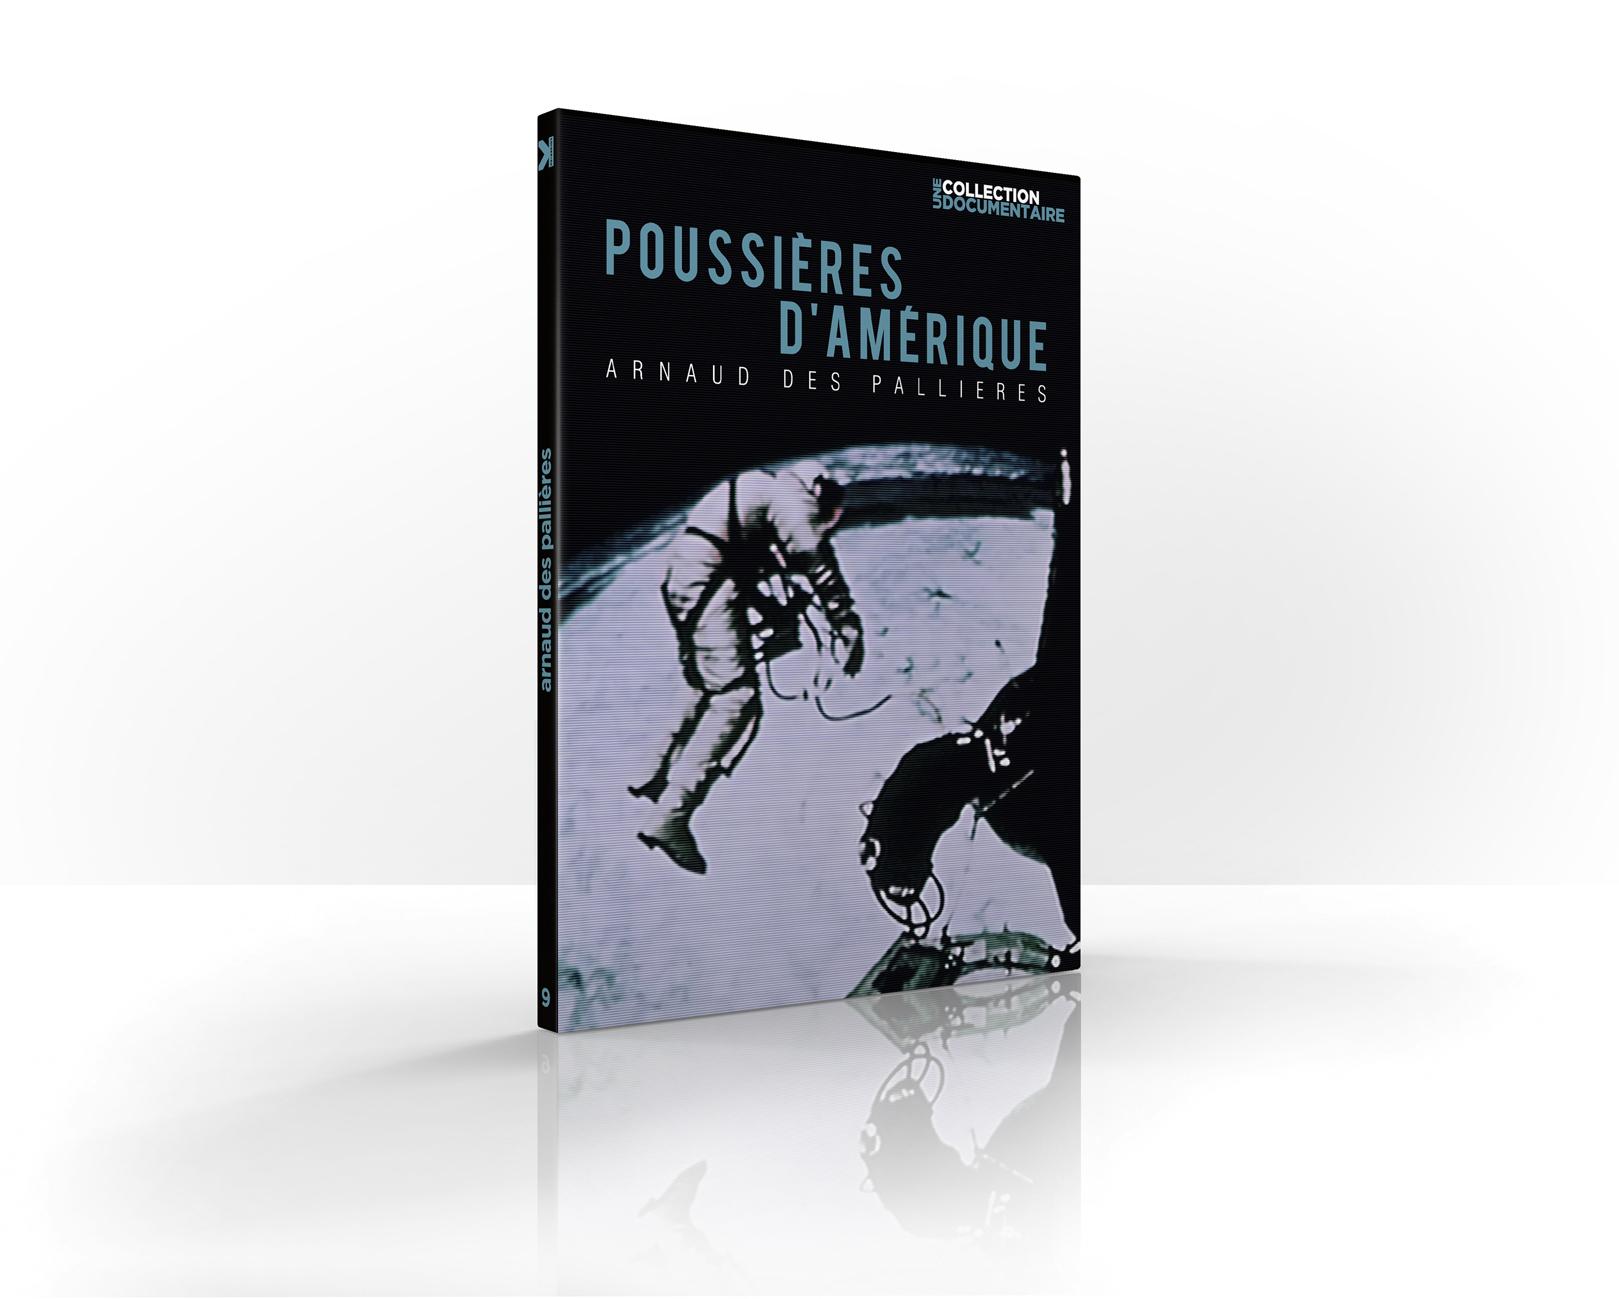 POUSSIERE D'AMERIQUE - DVD